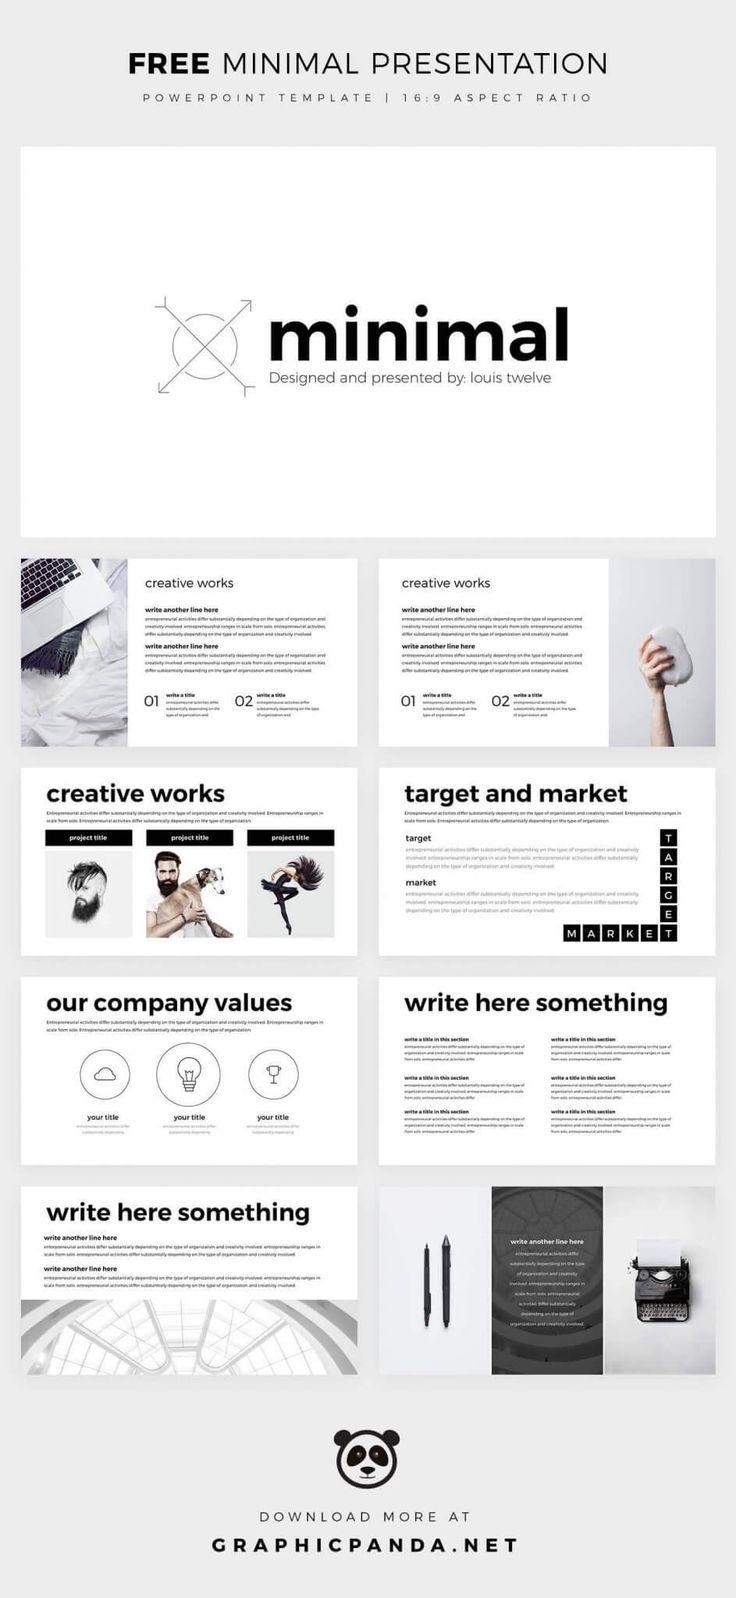 business infographic   22 templates powerpoint gratuits  u00e0 utiliser dans vos pr u00e9sentations